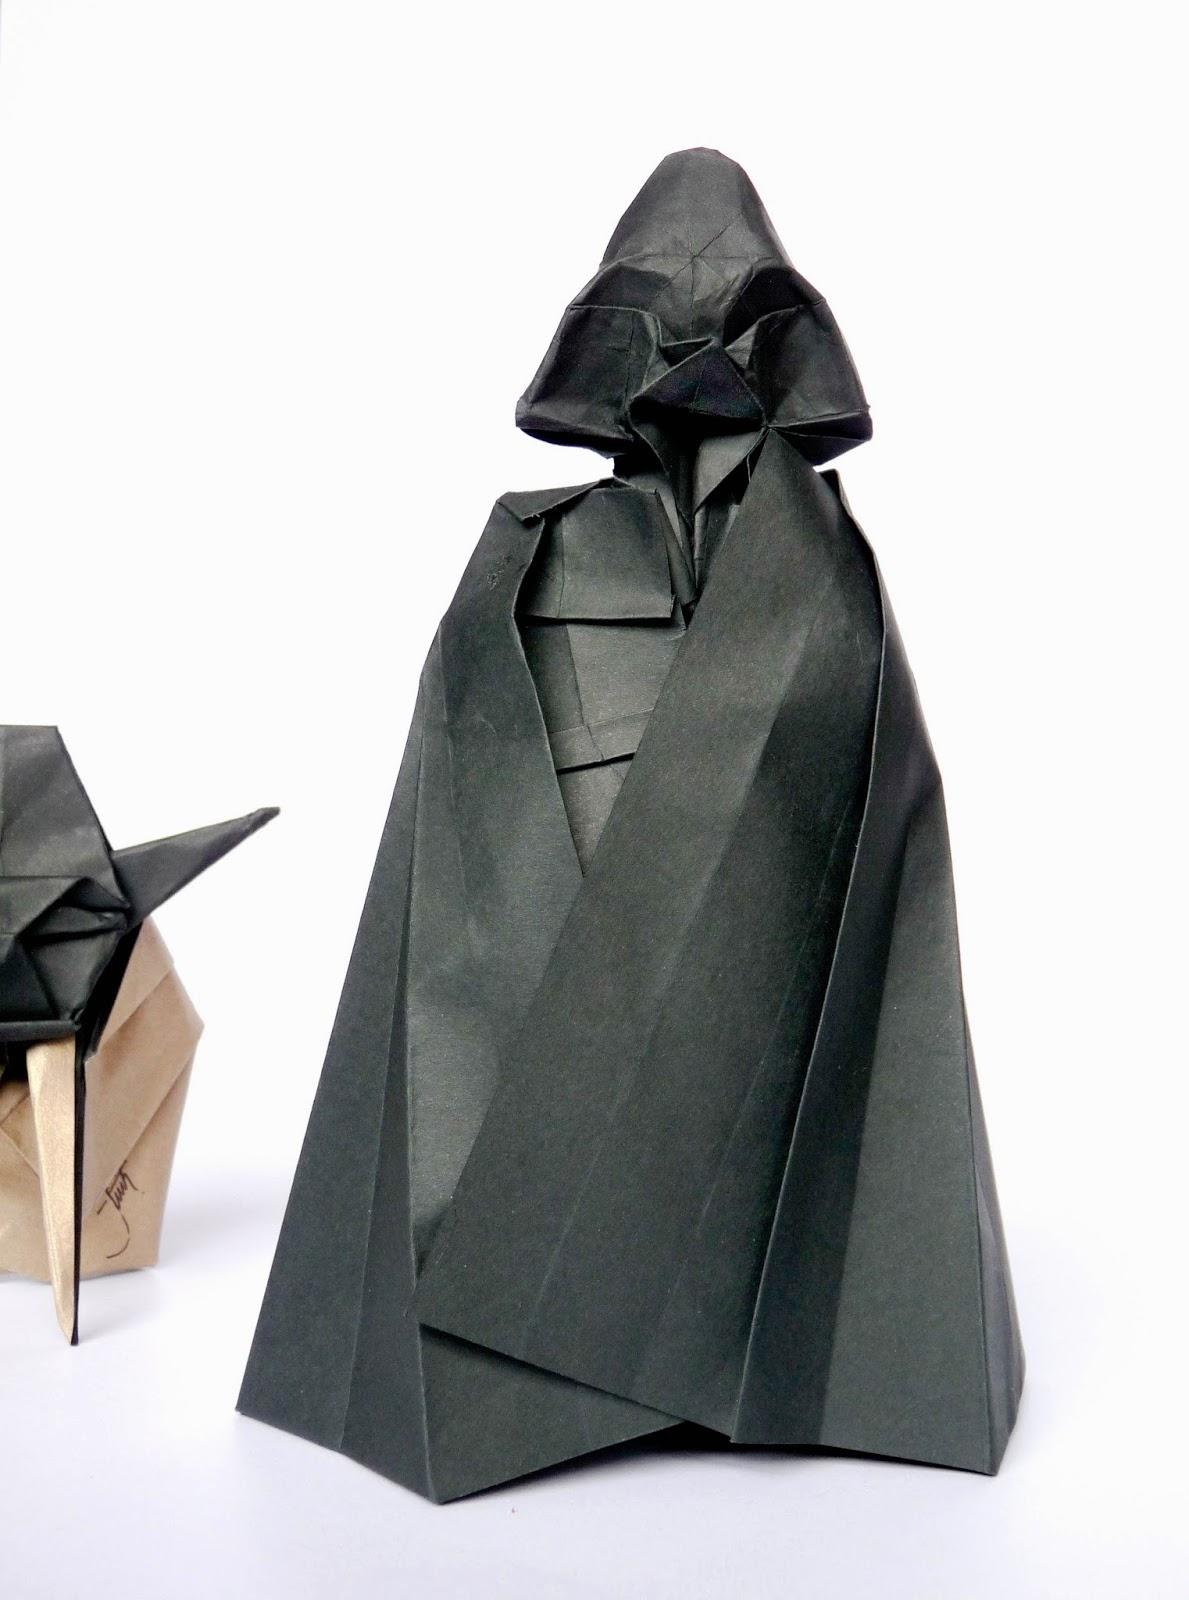 DIS.MITH: Darth Vader origami-star wars - photo#22